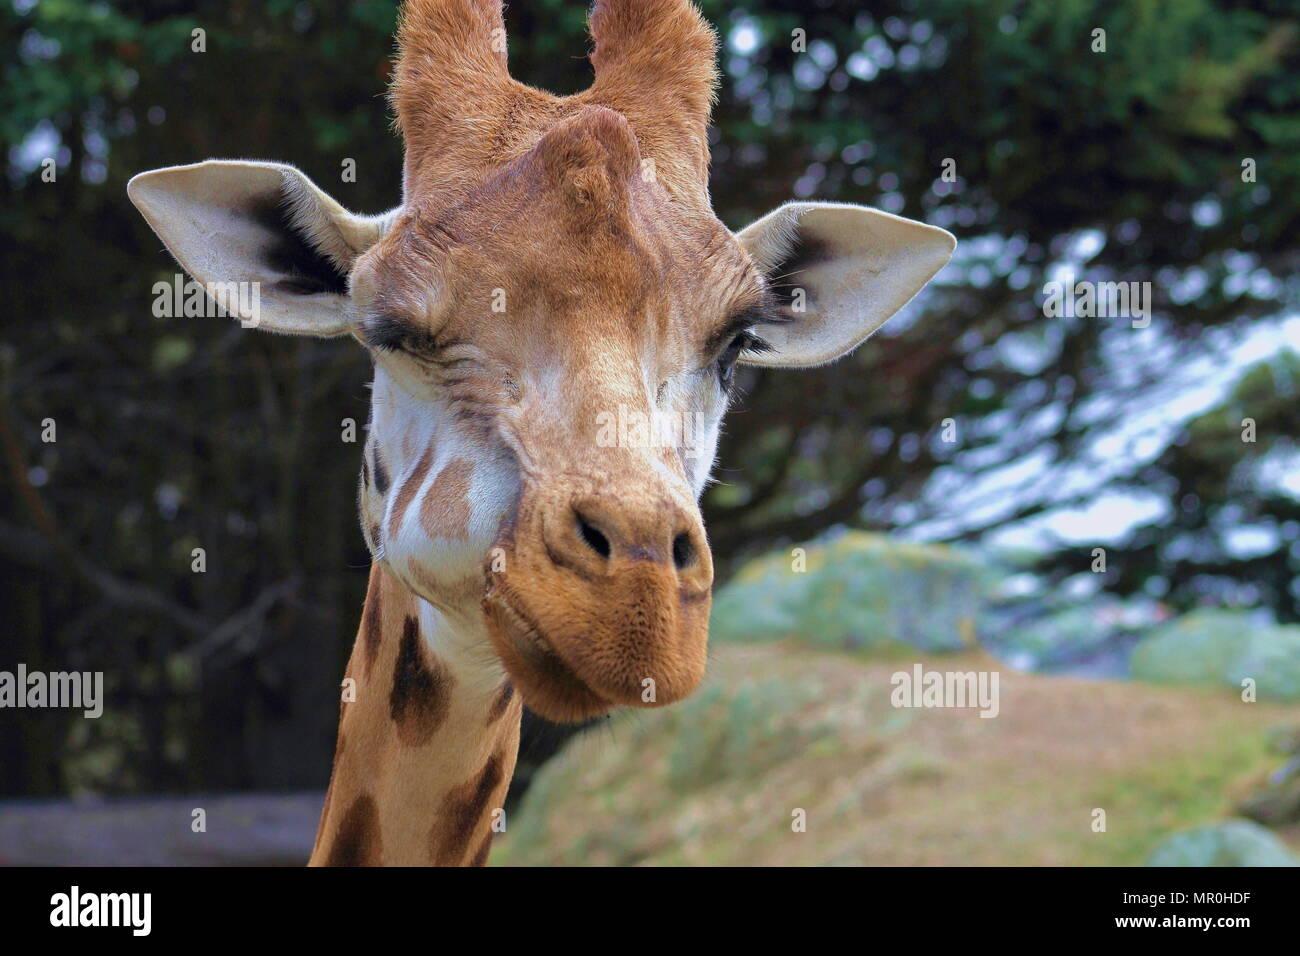 Primo piano di una giraffa (Giraffa camelopardalis) winking Immagini Stock